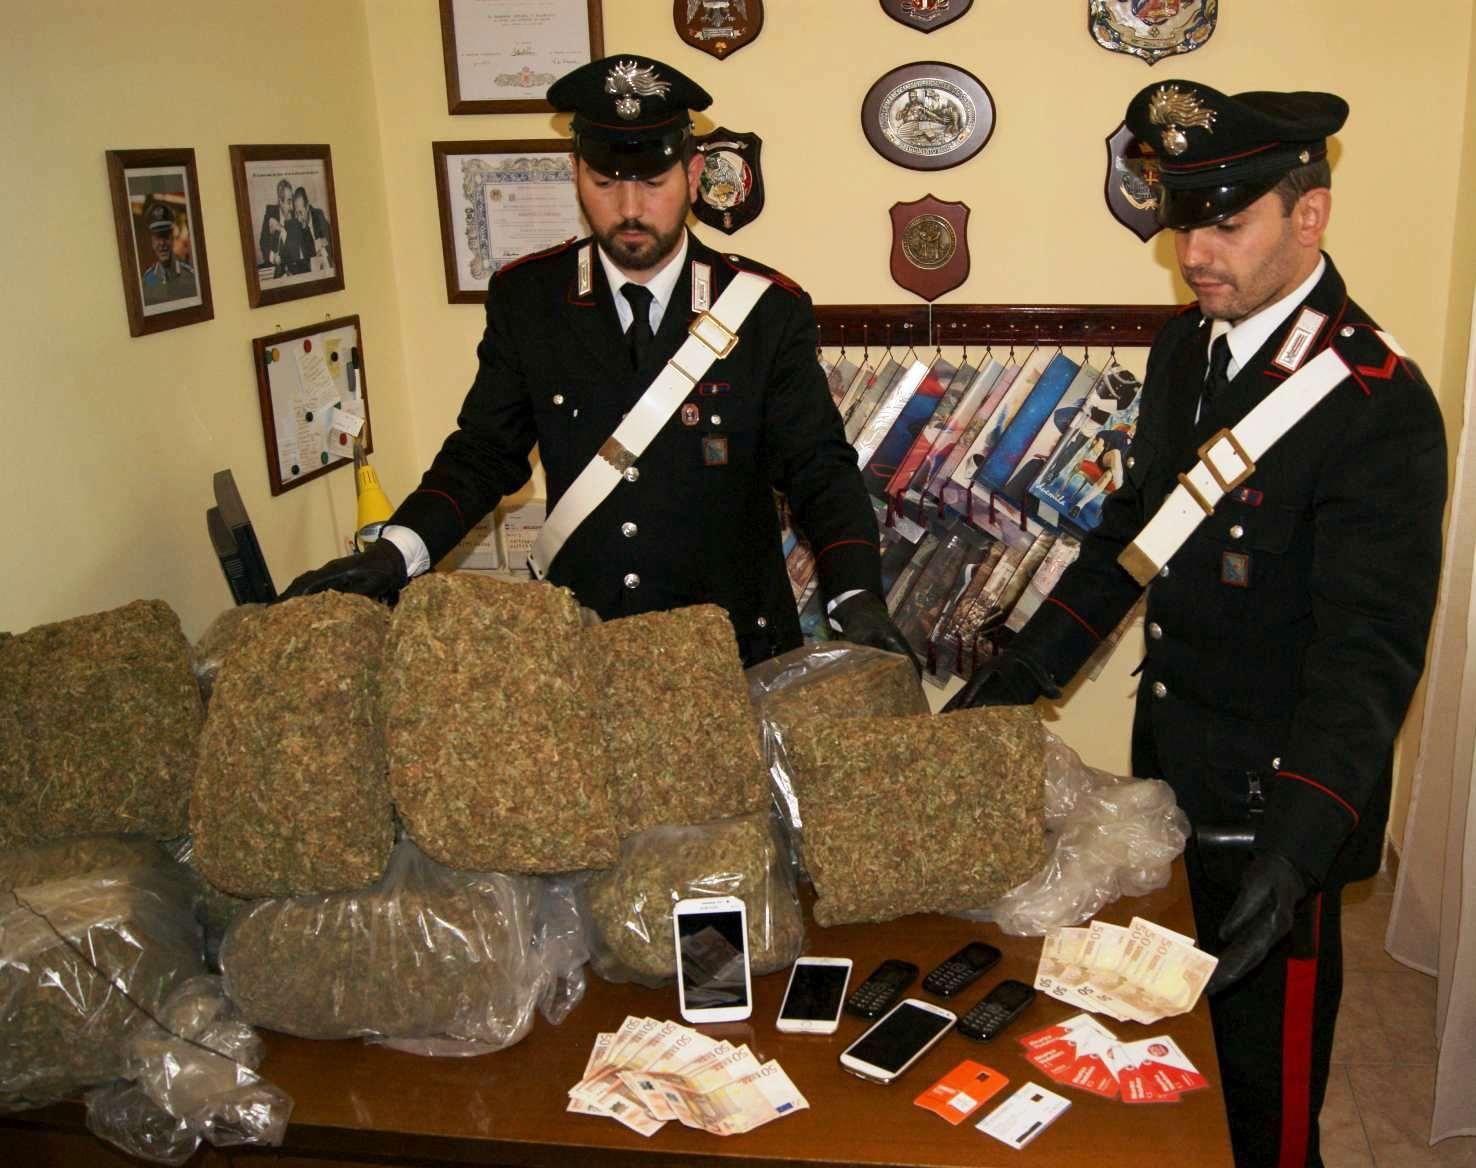 Photo of Albanese trafficante in trasferta arrestato dopo inseguimento. 40 kg di droga sequestrata